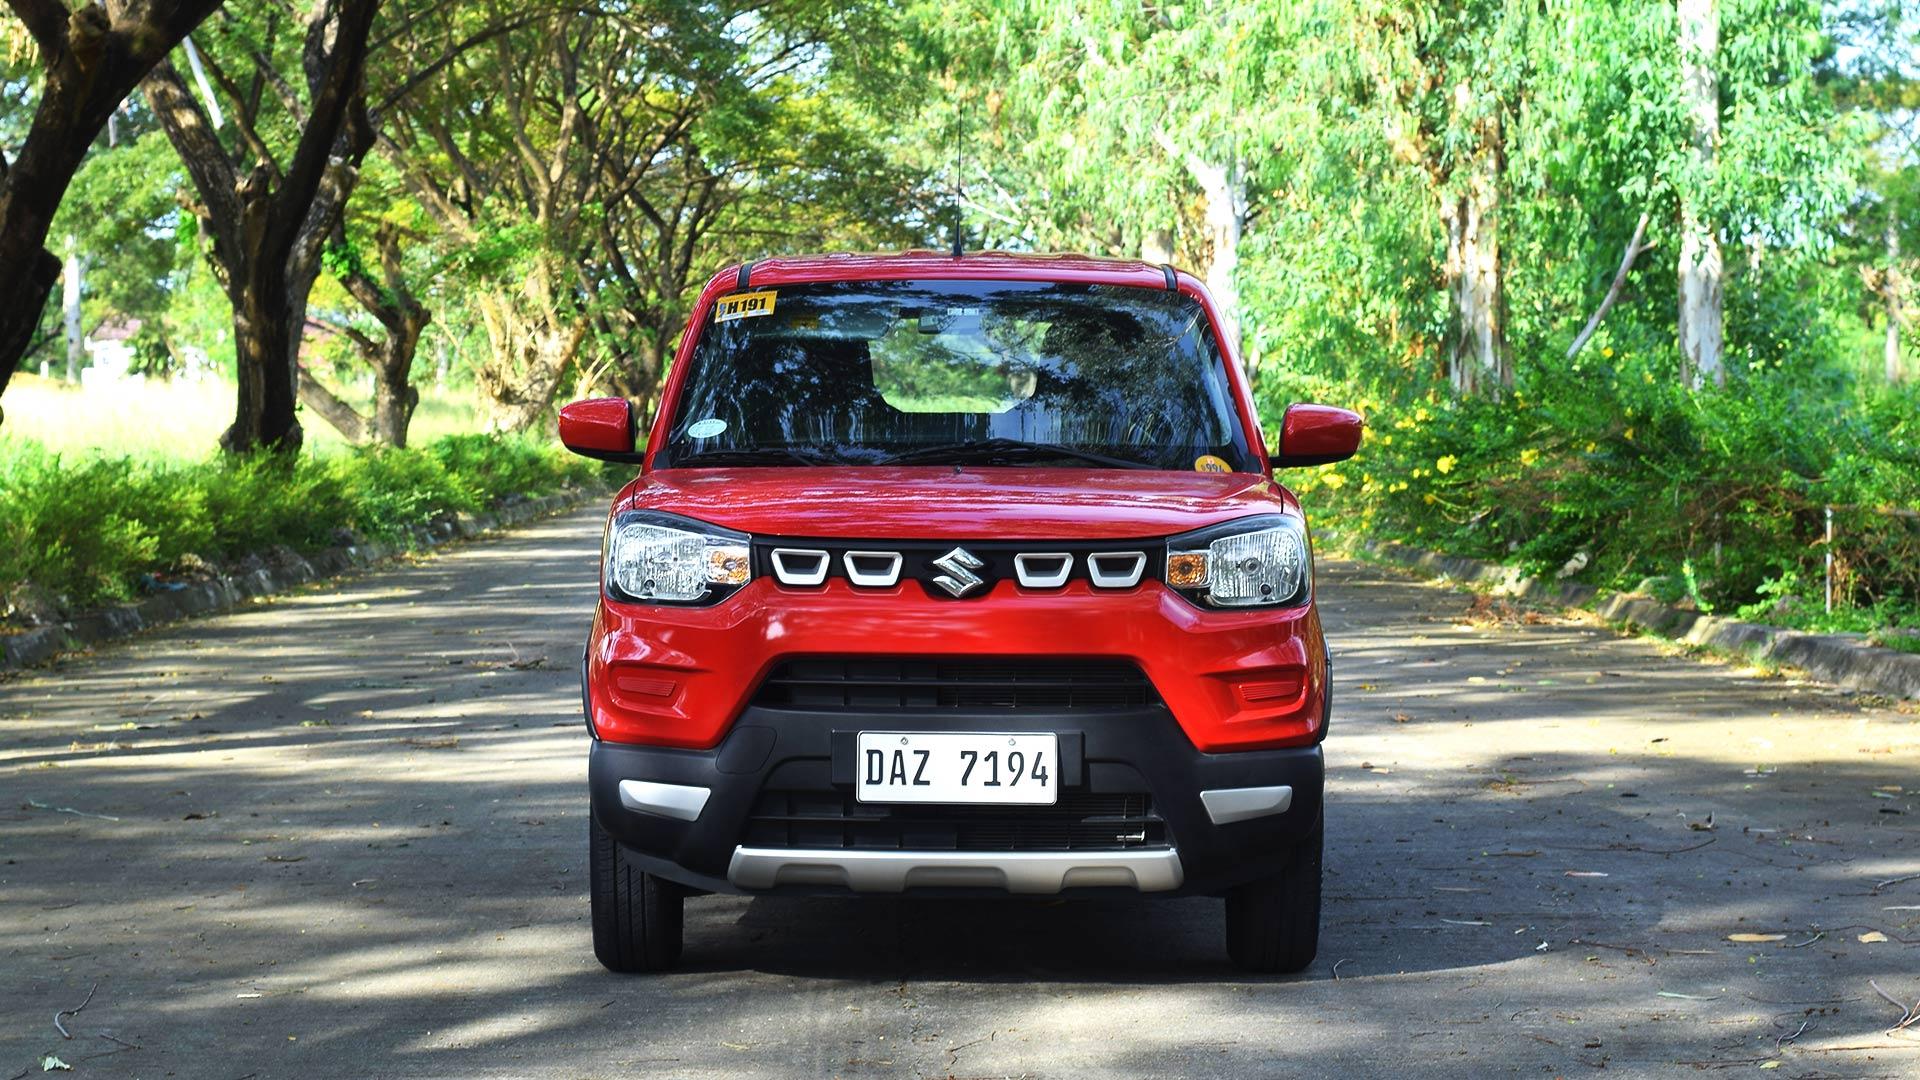 The Suzuki S-Presso front view